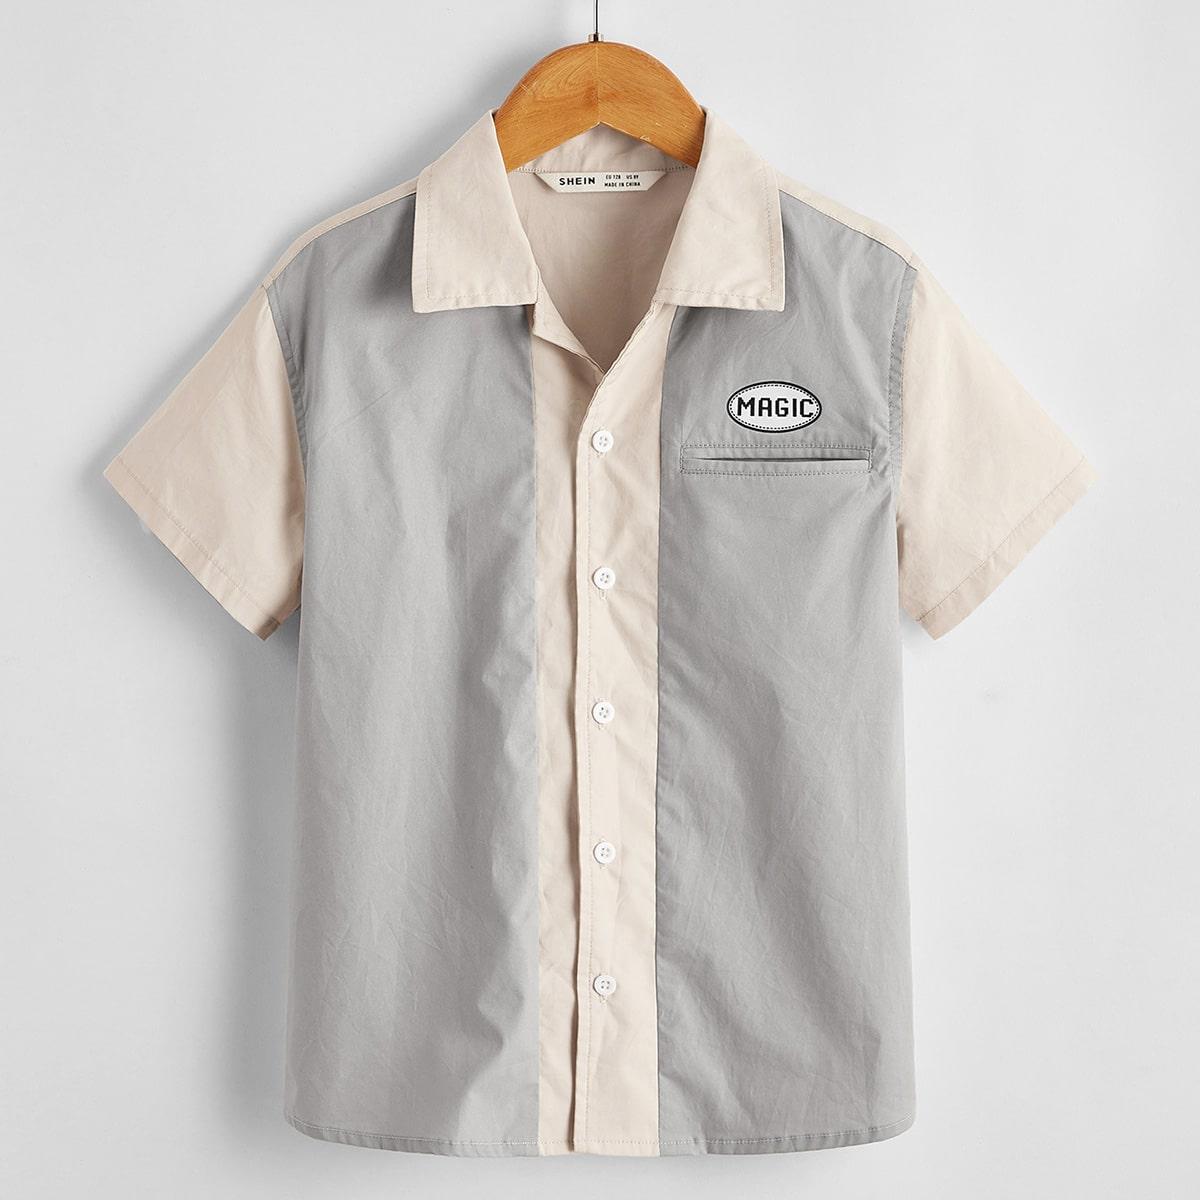 Двухцветная рубашка с текстовым принтом для мальчиков от SHEIN